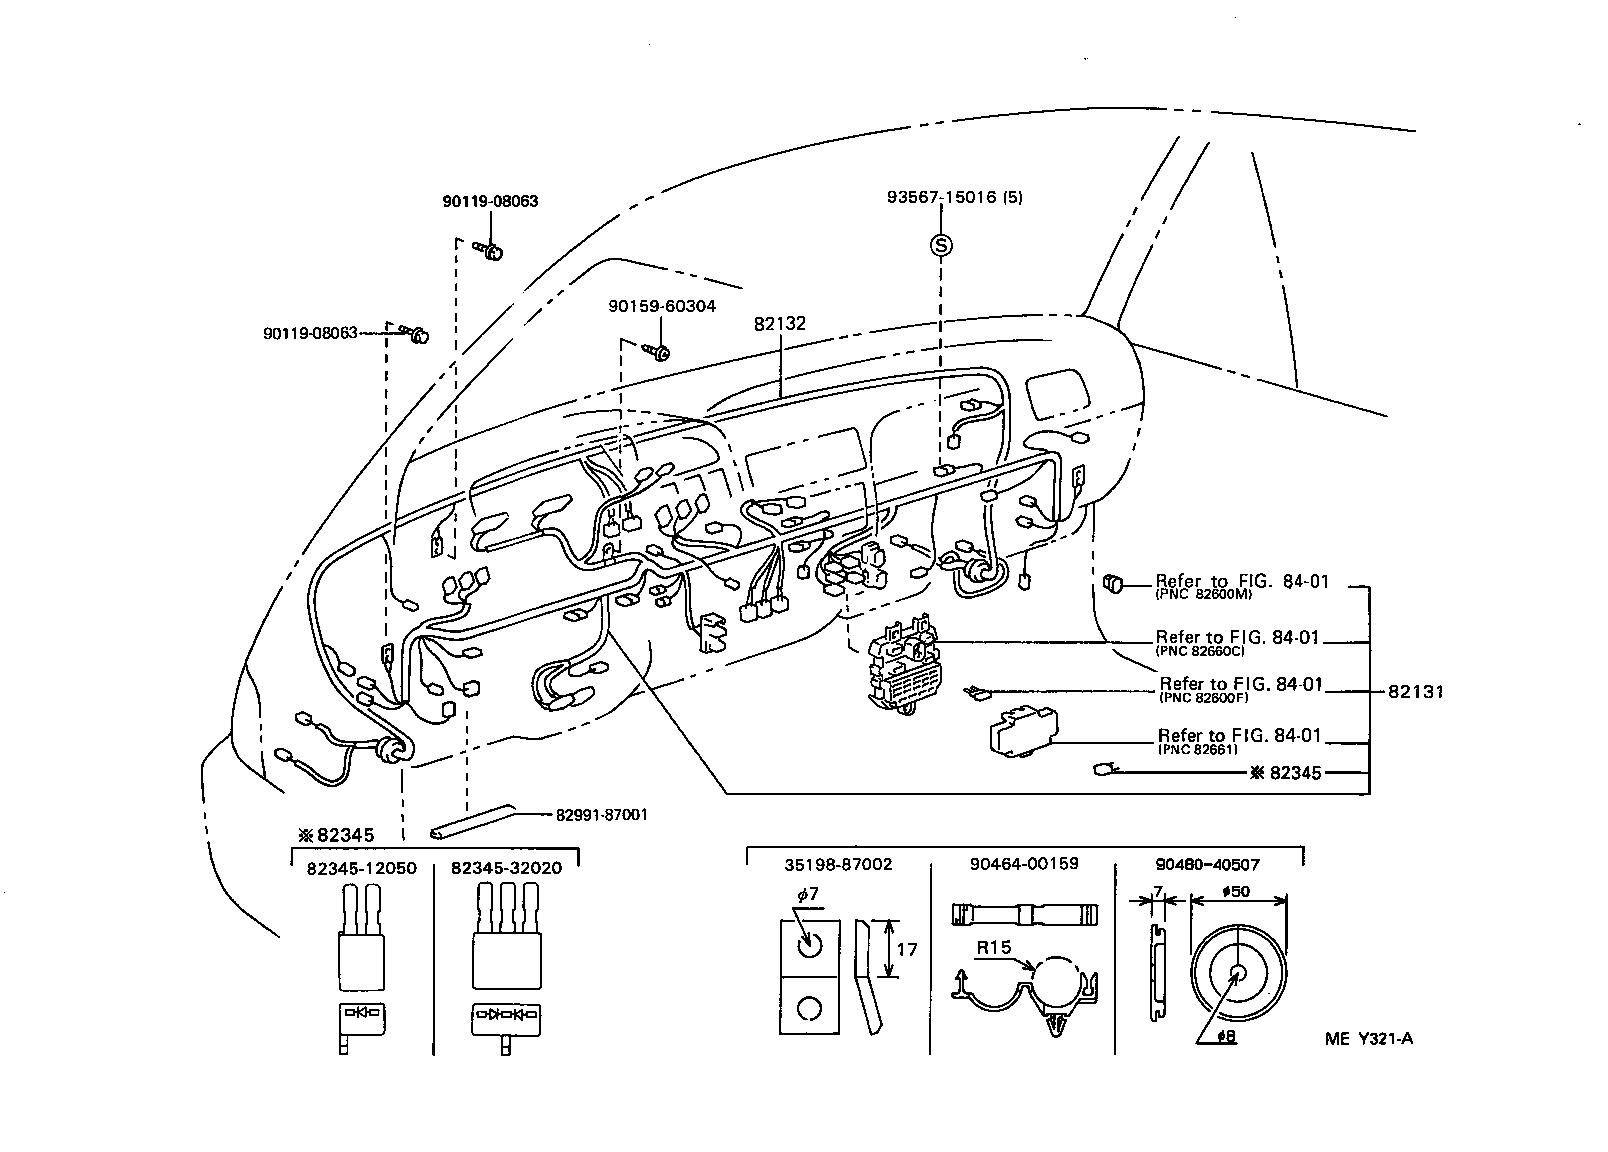 Townace Wiring Diagram